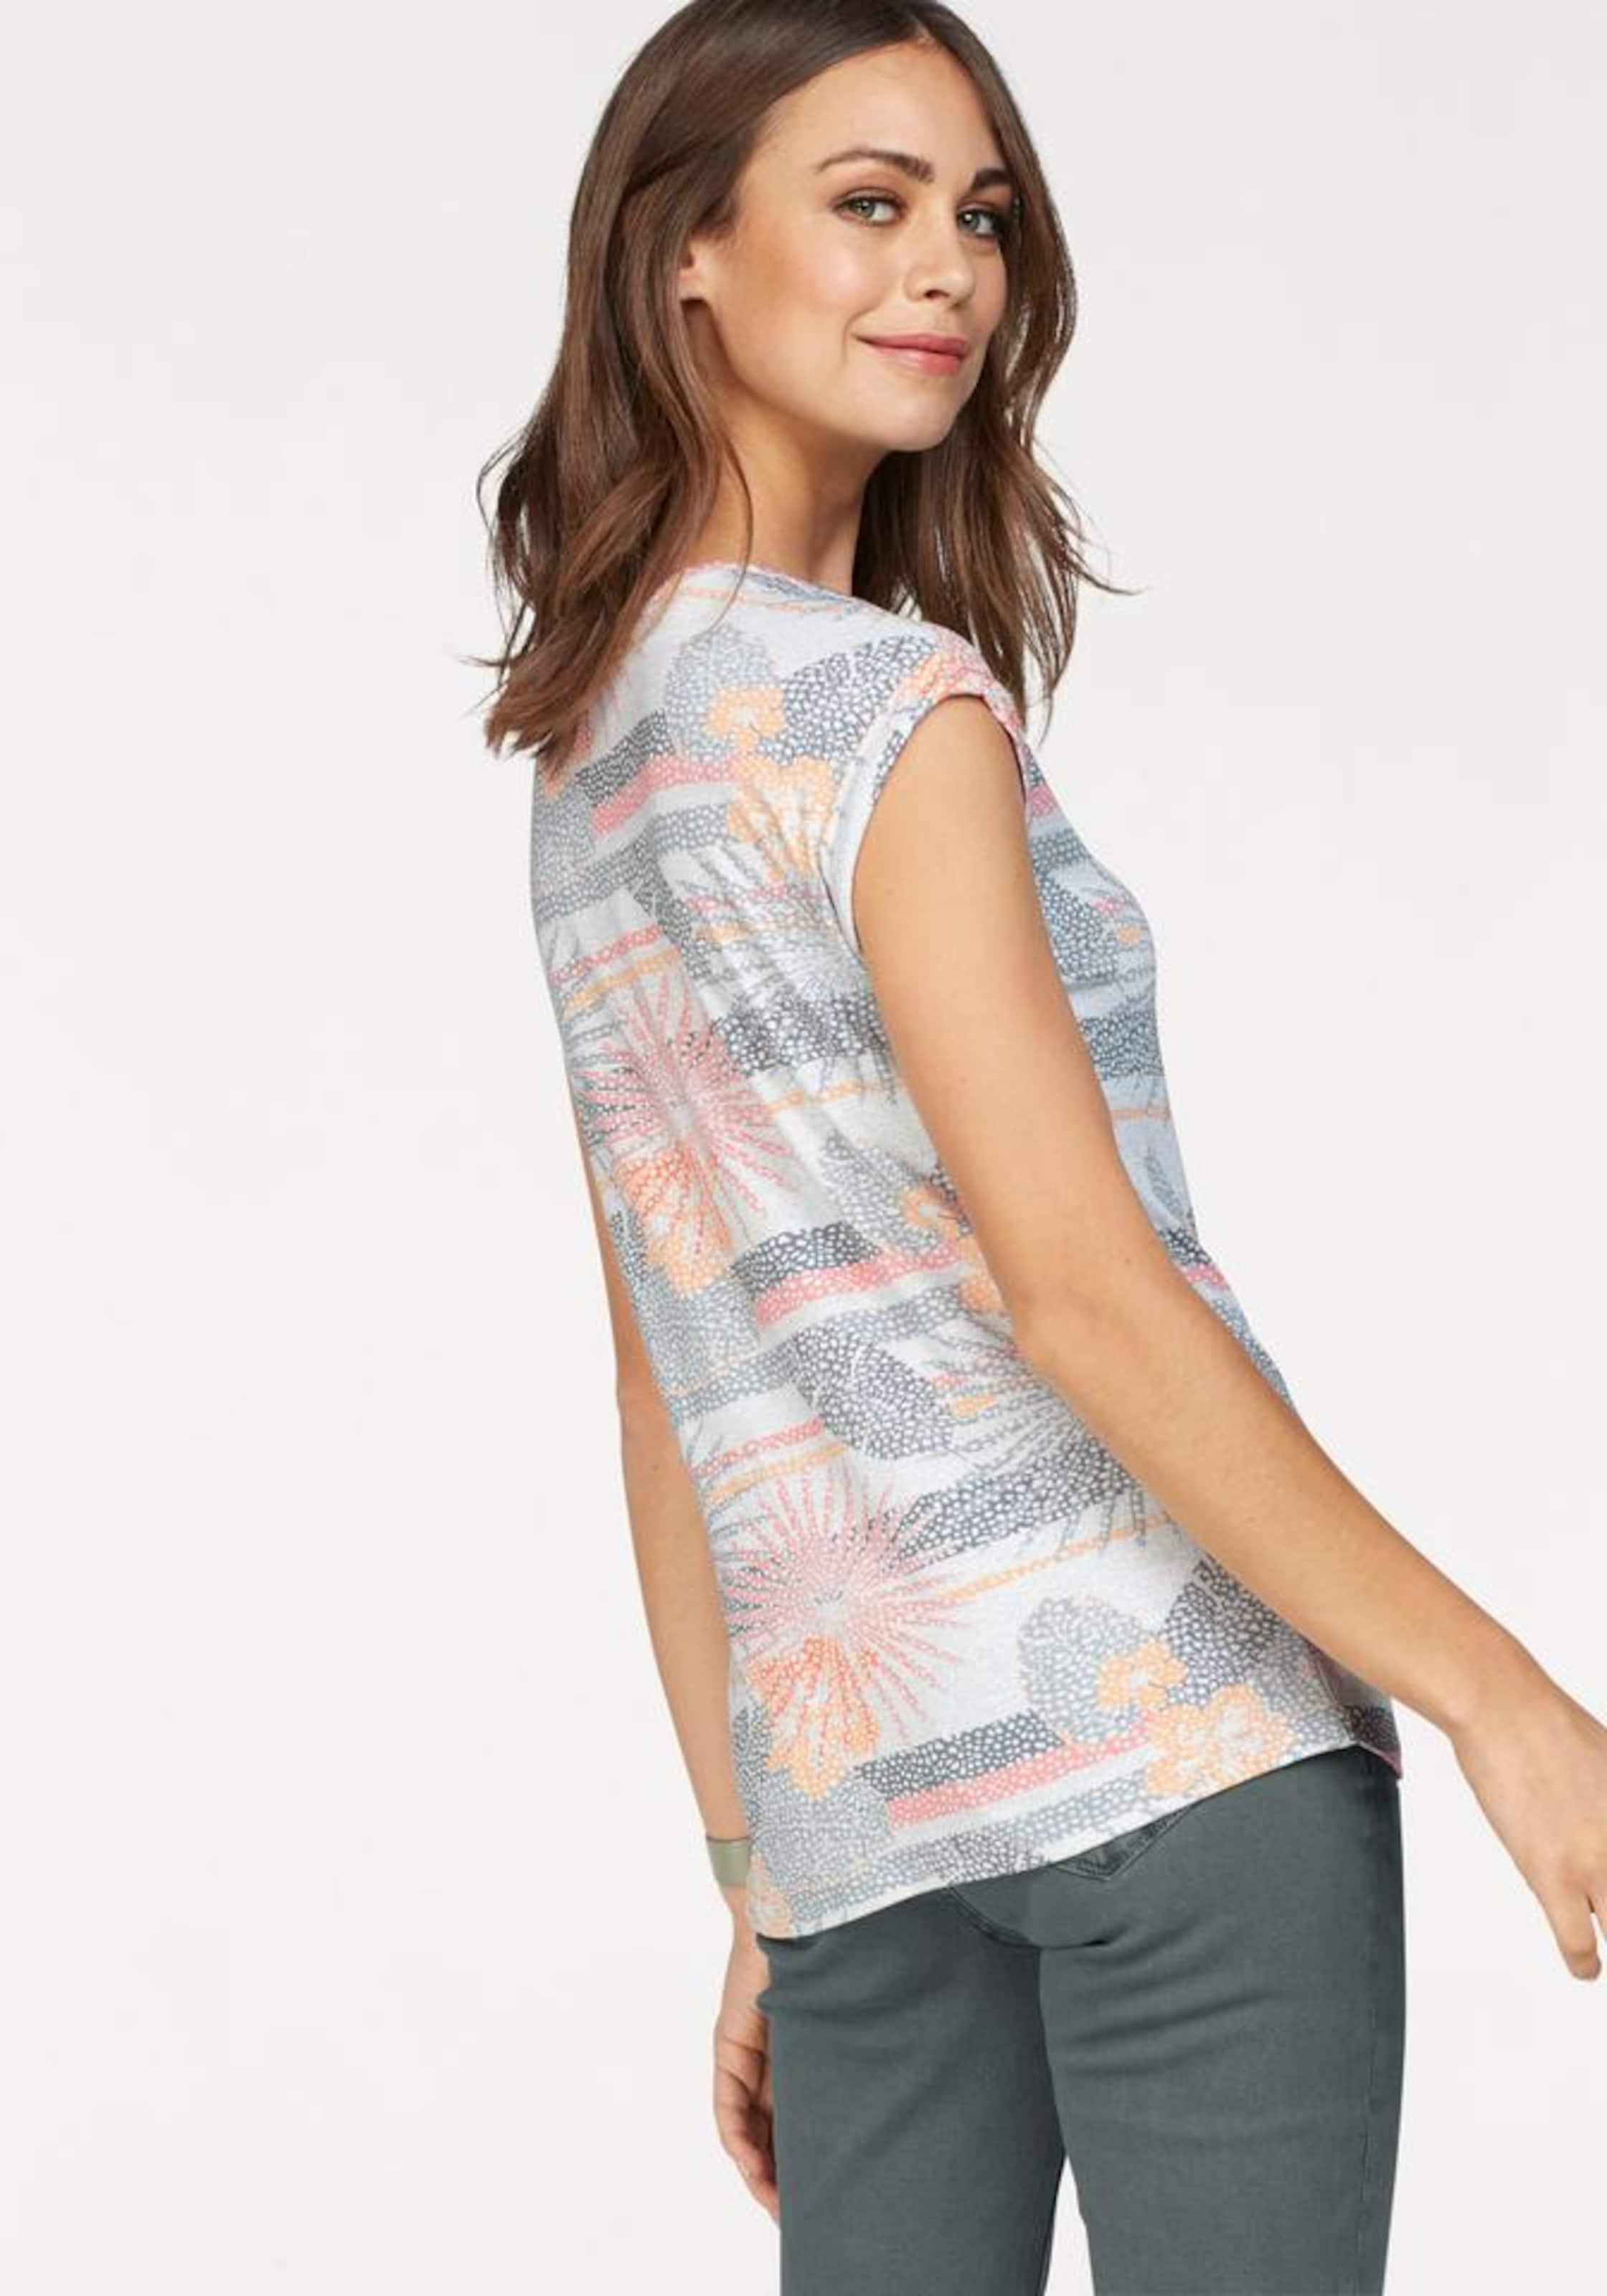 BOYSEN'S T-Shirt Billig Verkauf Besuch Mit Mastercard Online-Verkauf 2018 Günstiger Preis Fabrikpreis 2018 Online trxtS